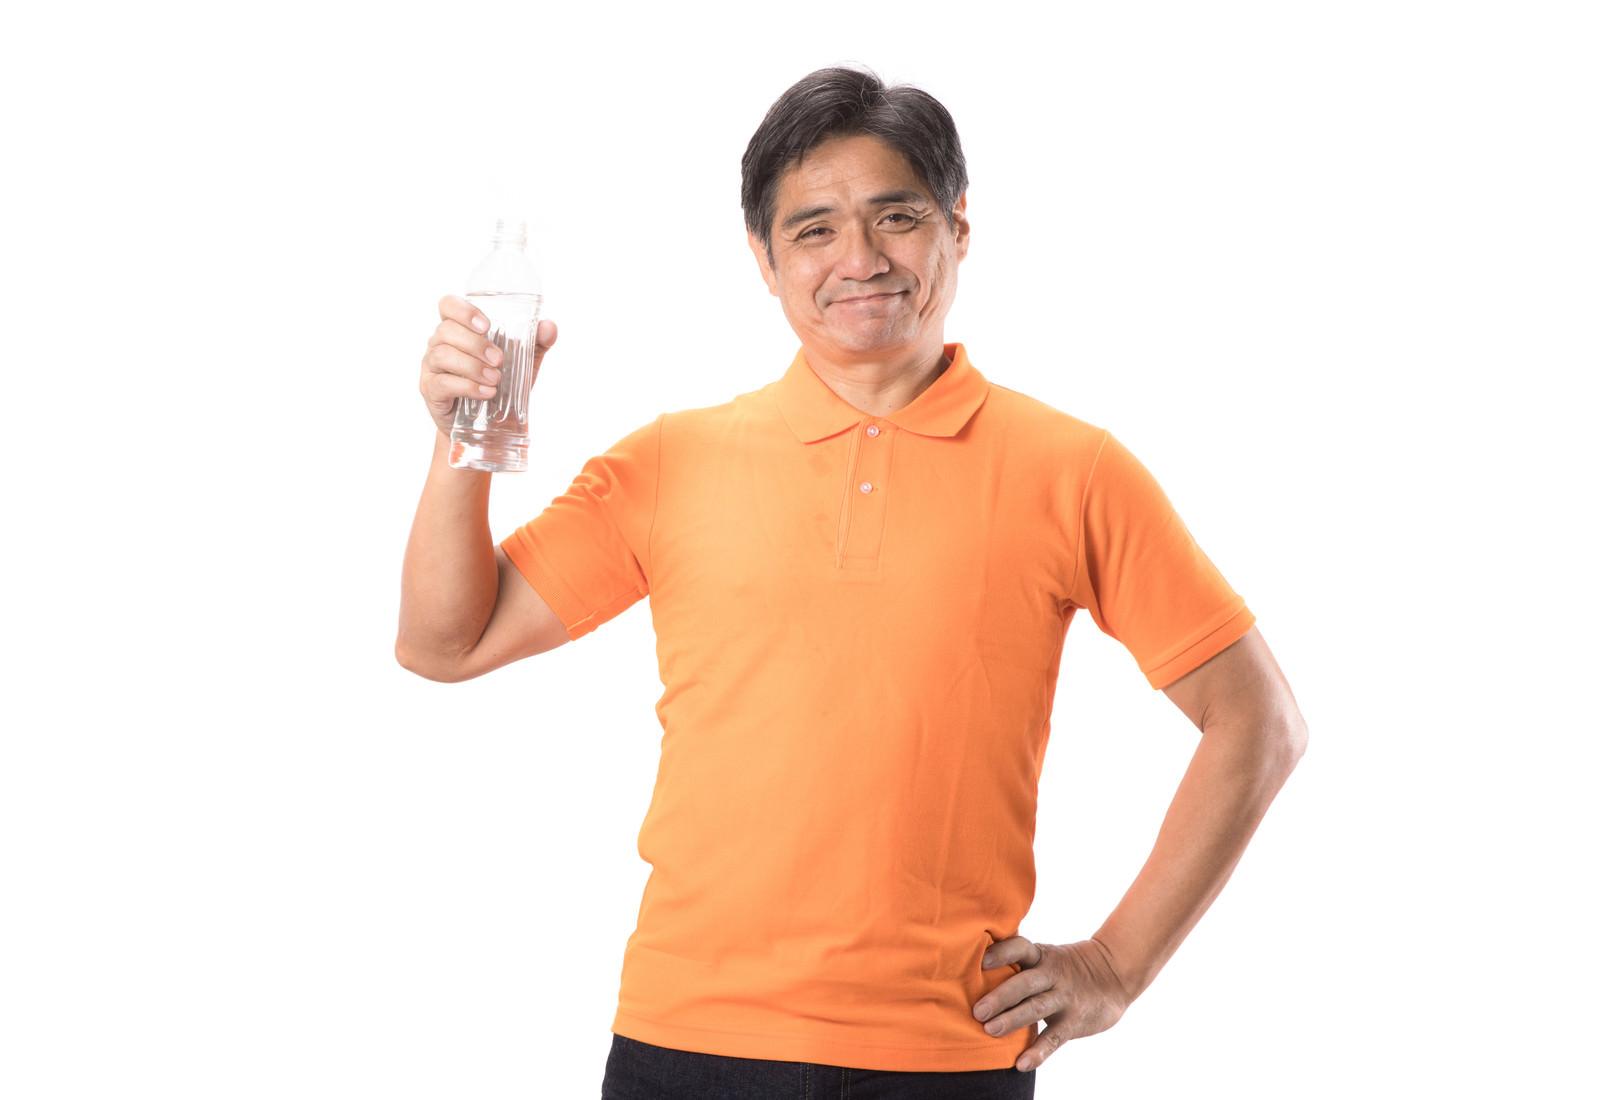 「水分補給にペットボトルを持ち歩く中年男性」の写真[モデル:よたか]